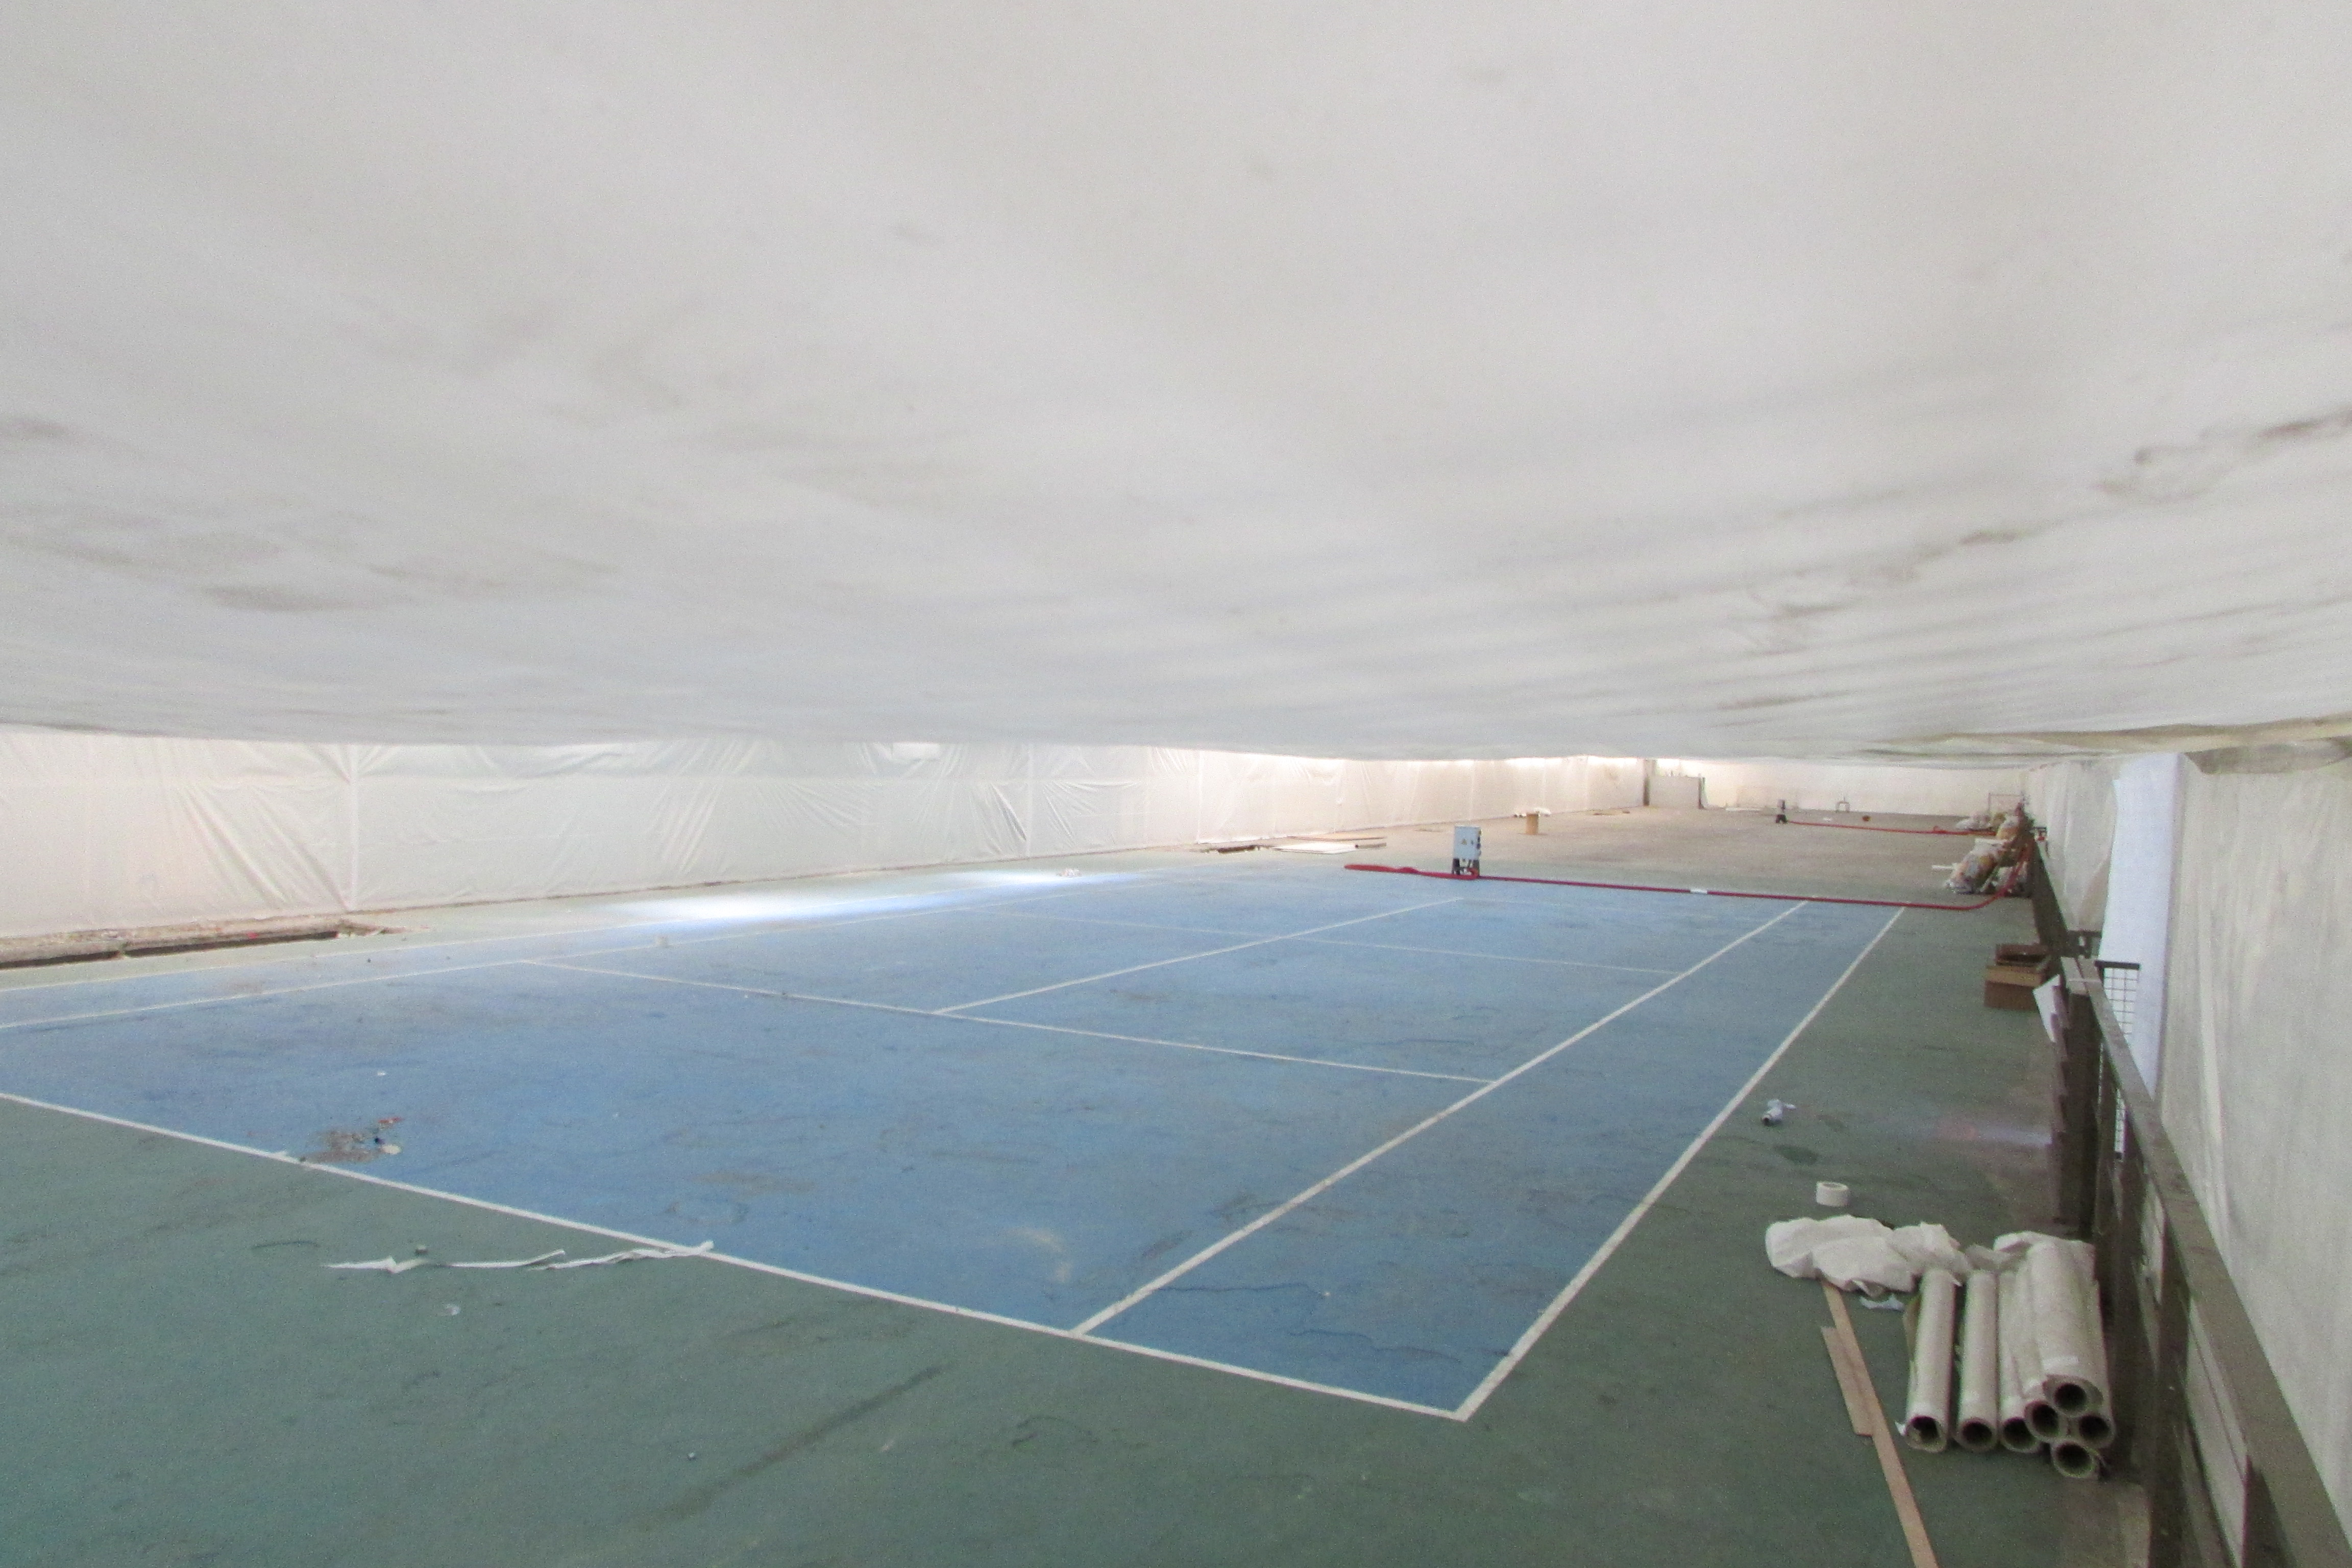 Un court de tennis, emblème des bâtiments abandonnés